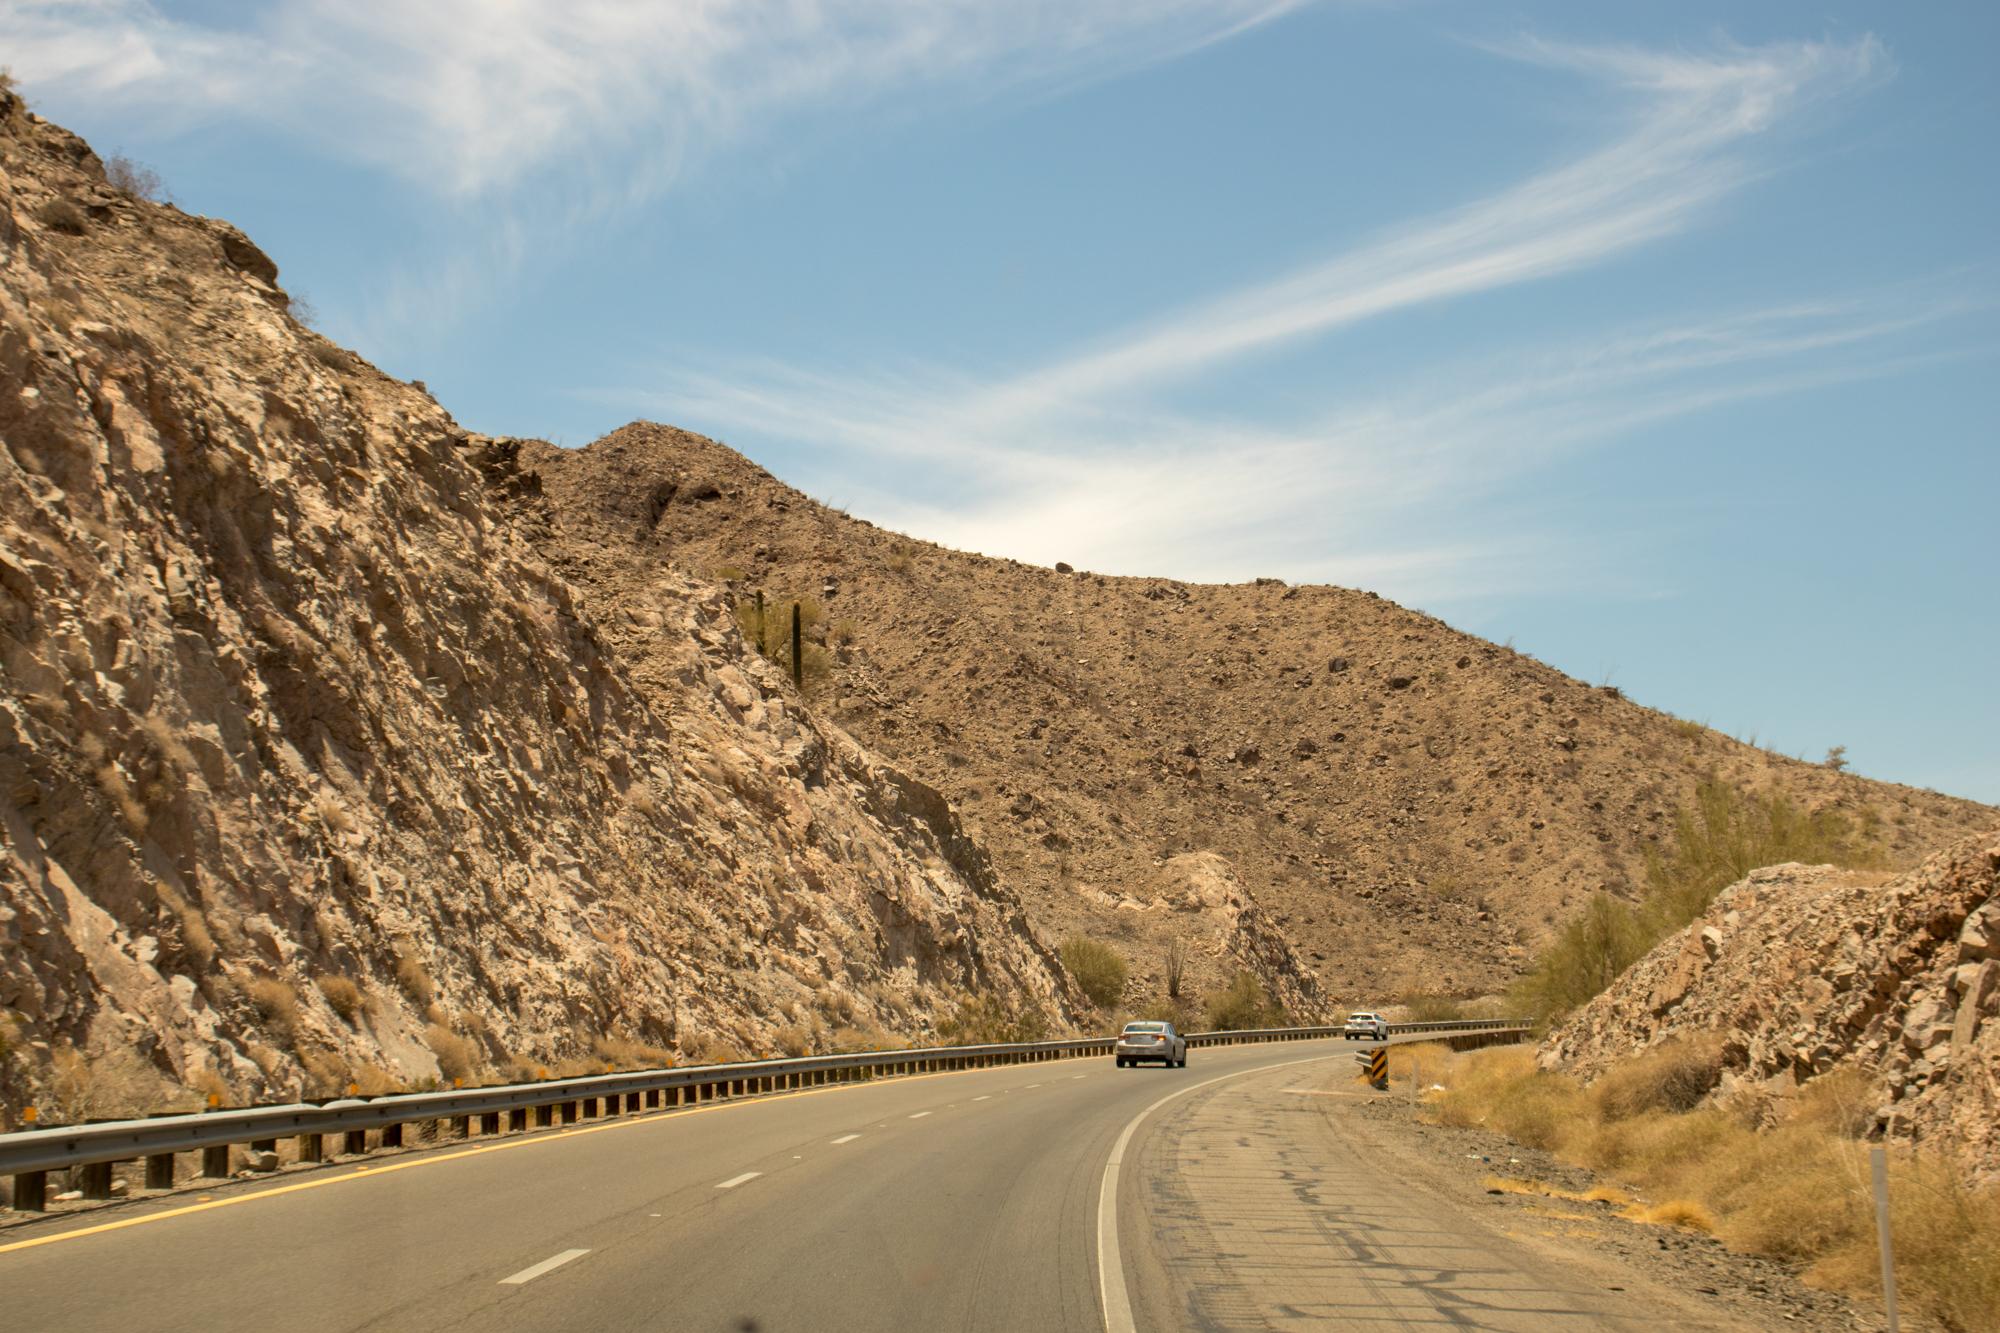 Driving through Arizona Mountains